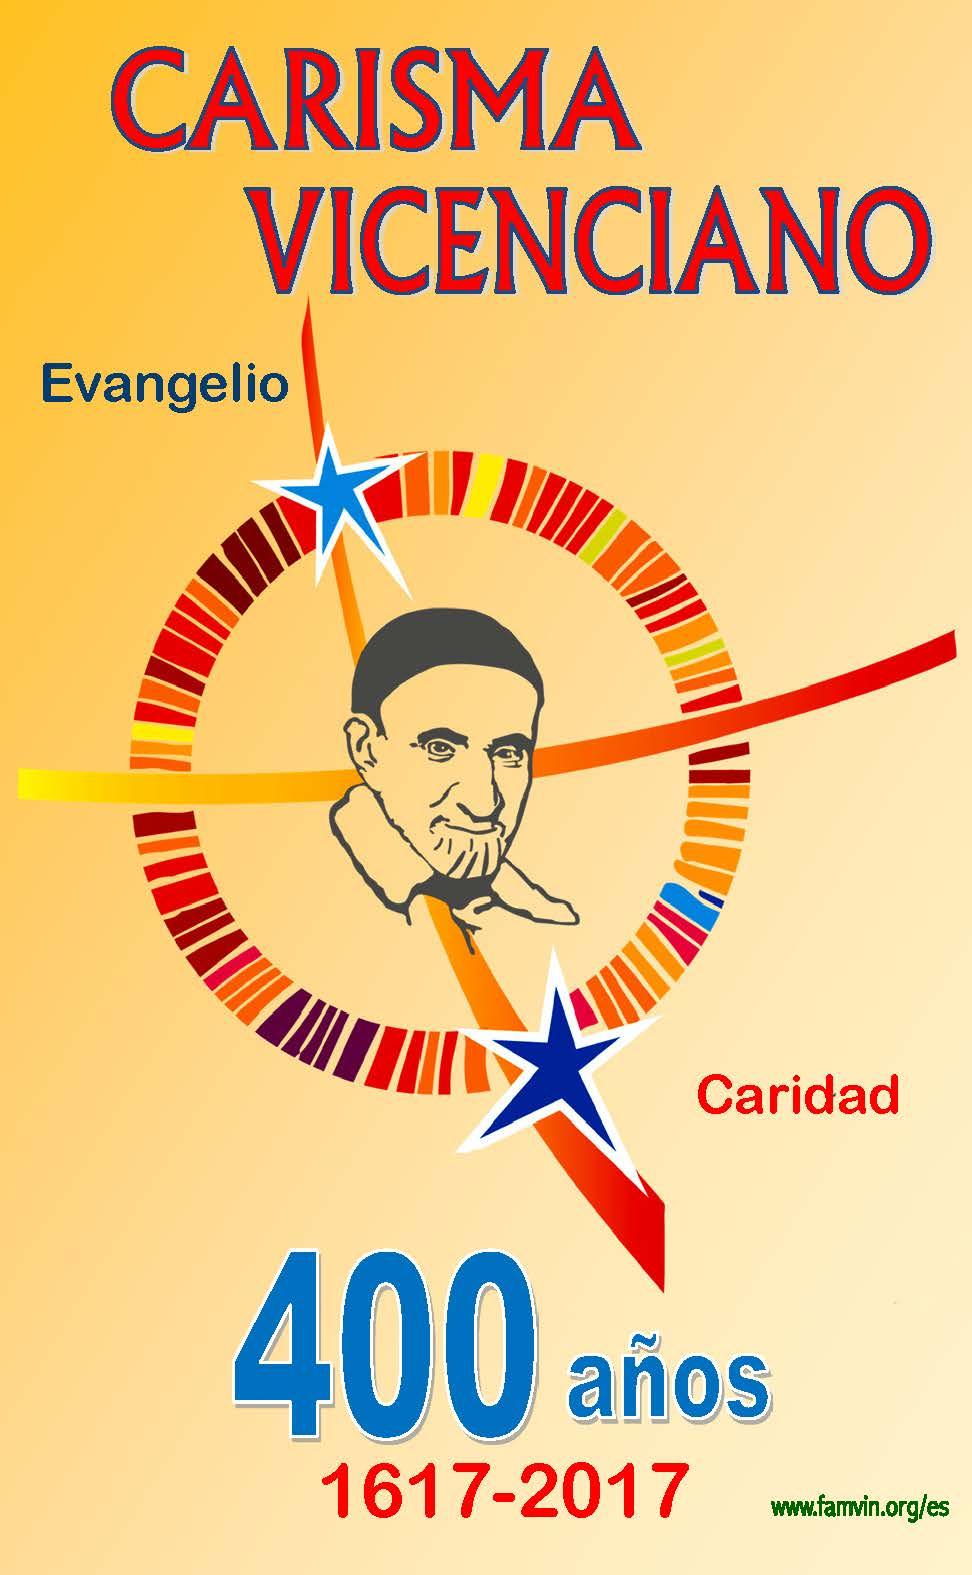 Celebração dos 400 anos do Carisma Vicentino, no Regional do Rio de Janeiro